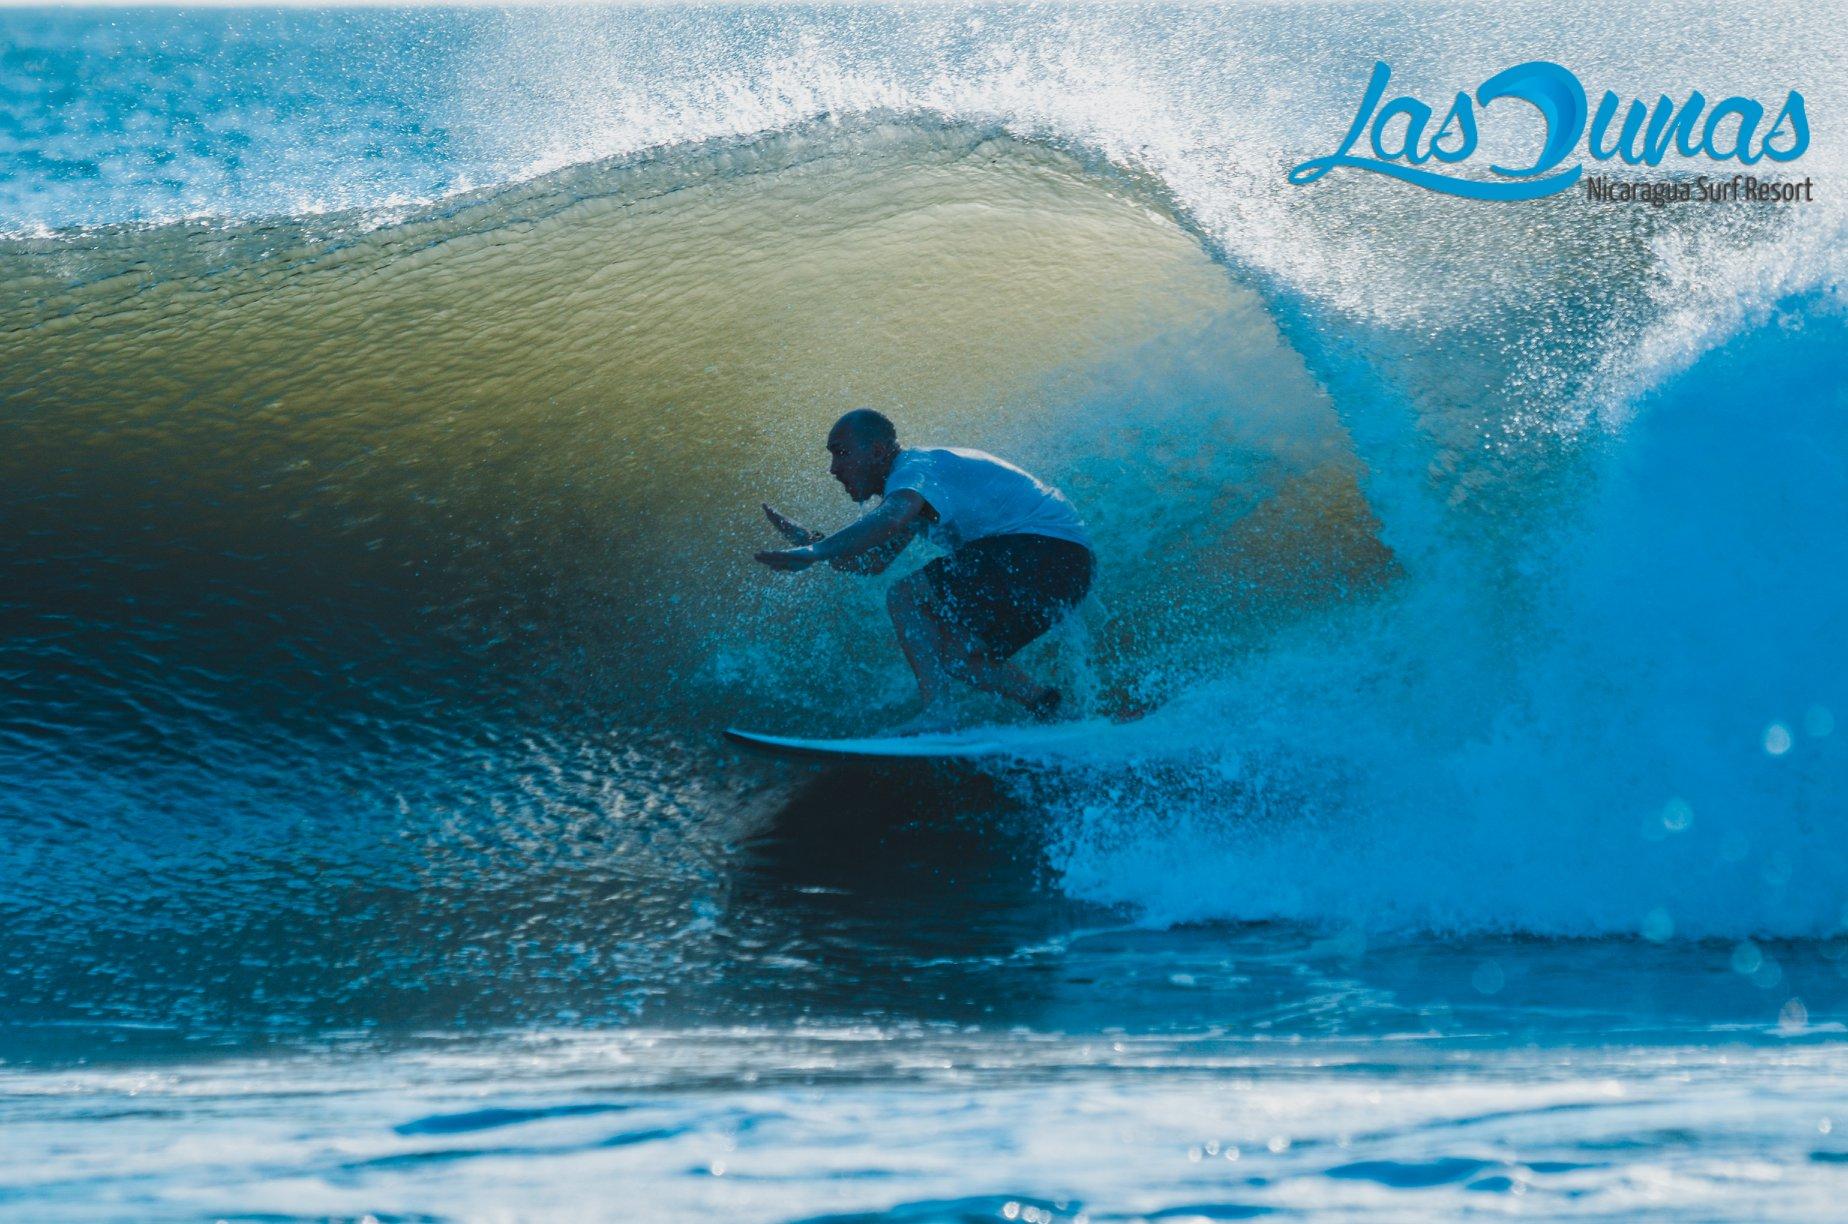 Ecological surf brands